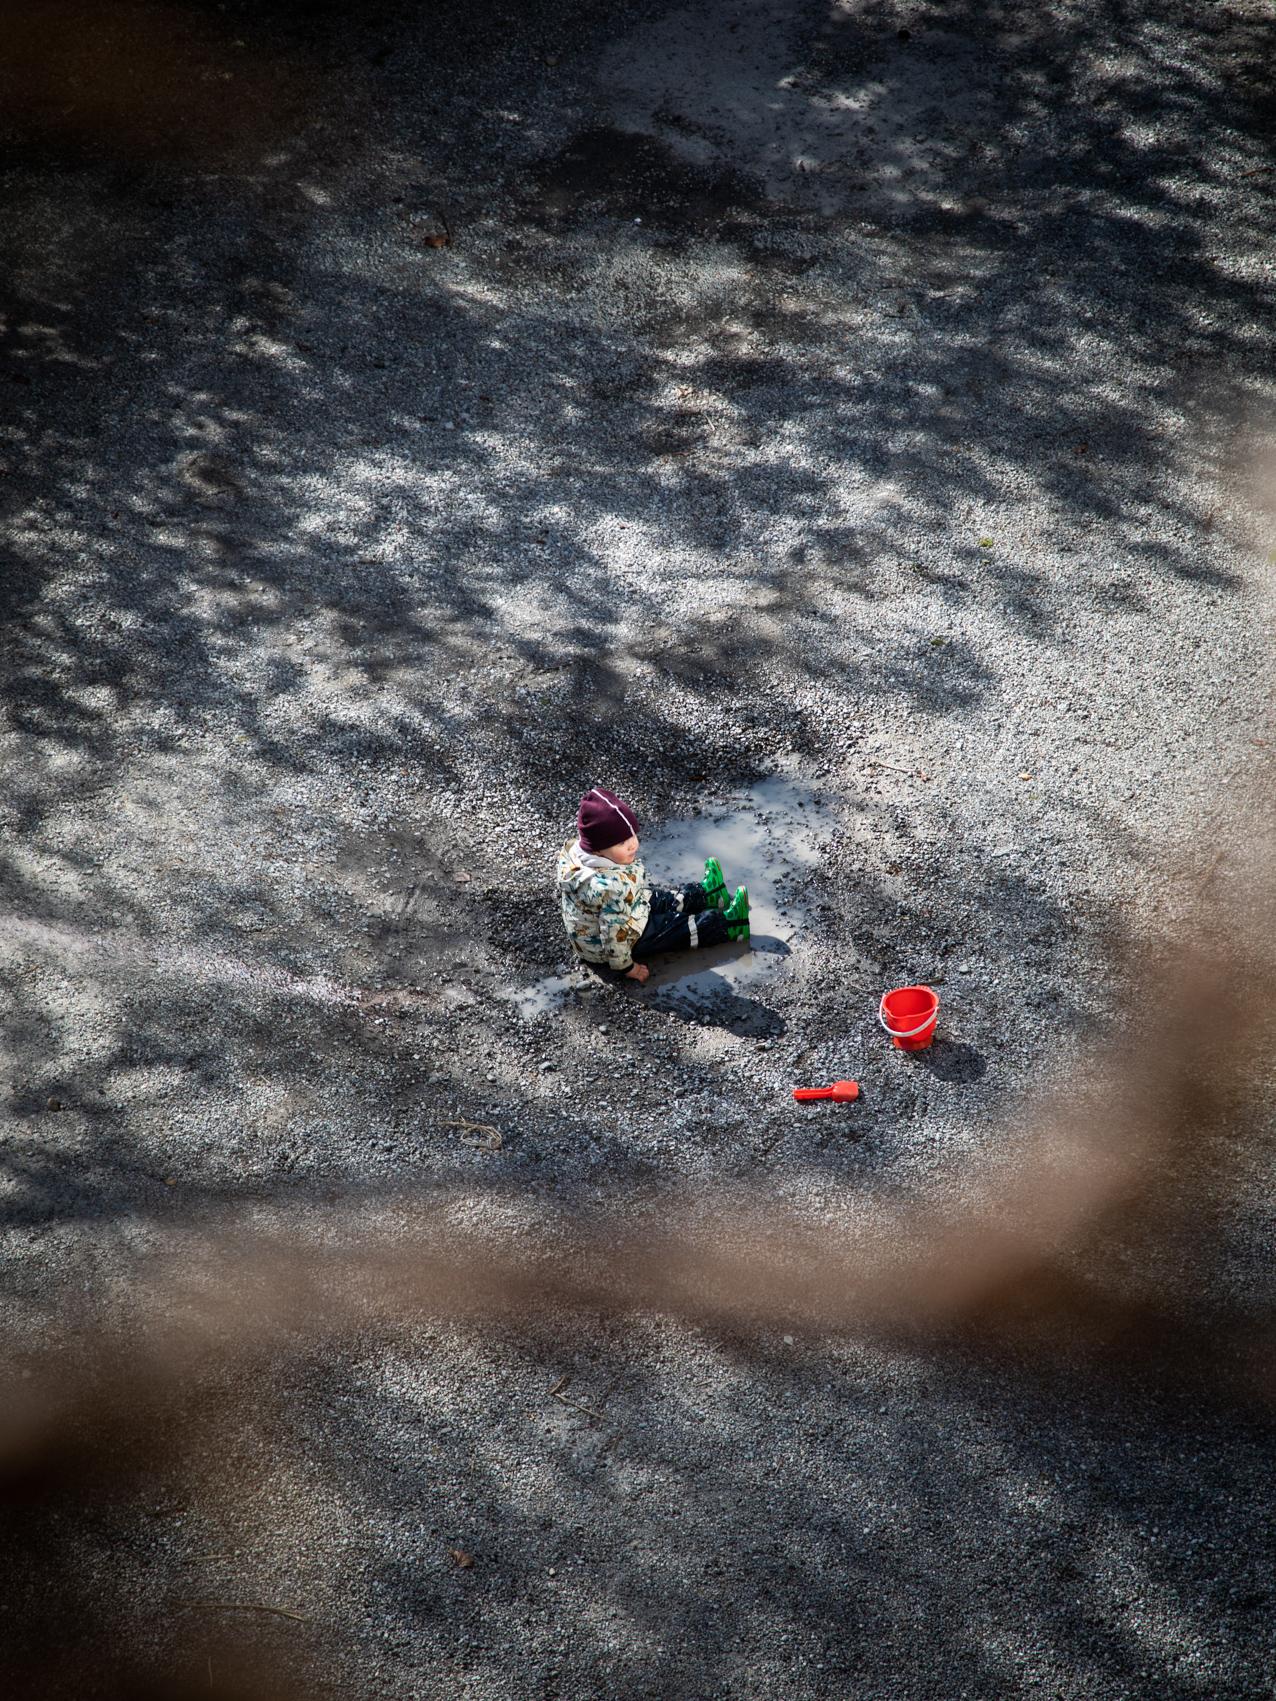 04_01_04_2020_shutdown, Zürich.Kind im hinterhof spielend